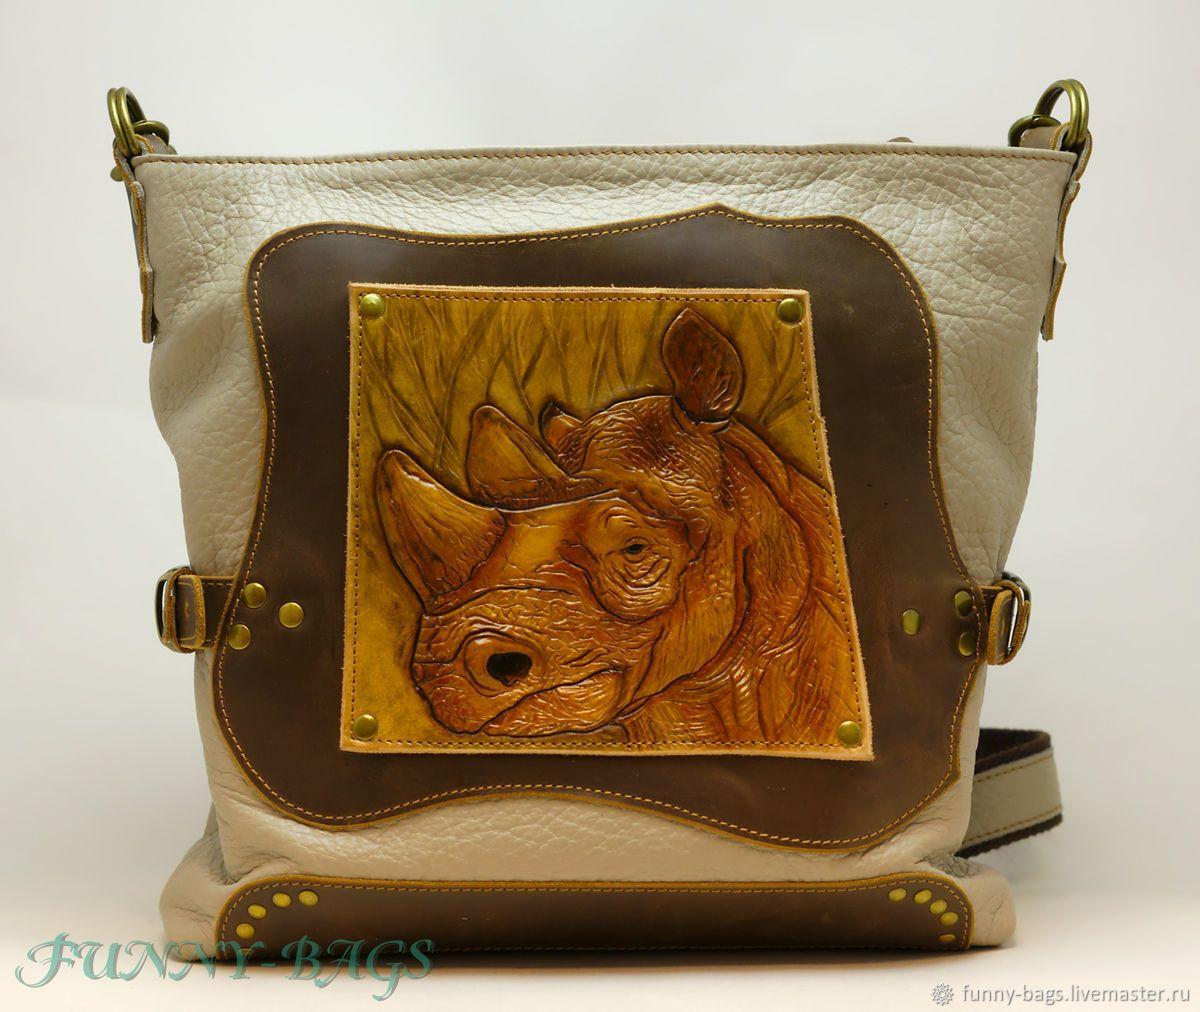 bee541a963ce Женские сумки ручной работы. Ярмарка Мастеров - ручная работа. Купить  Кожаная сумка